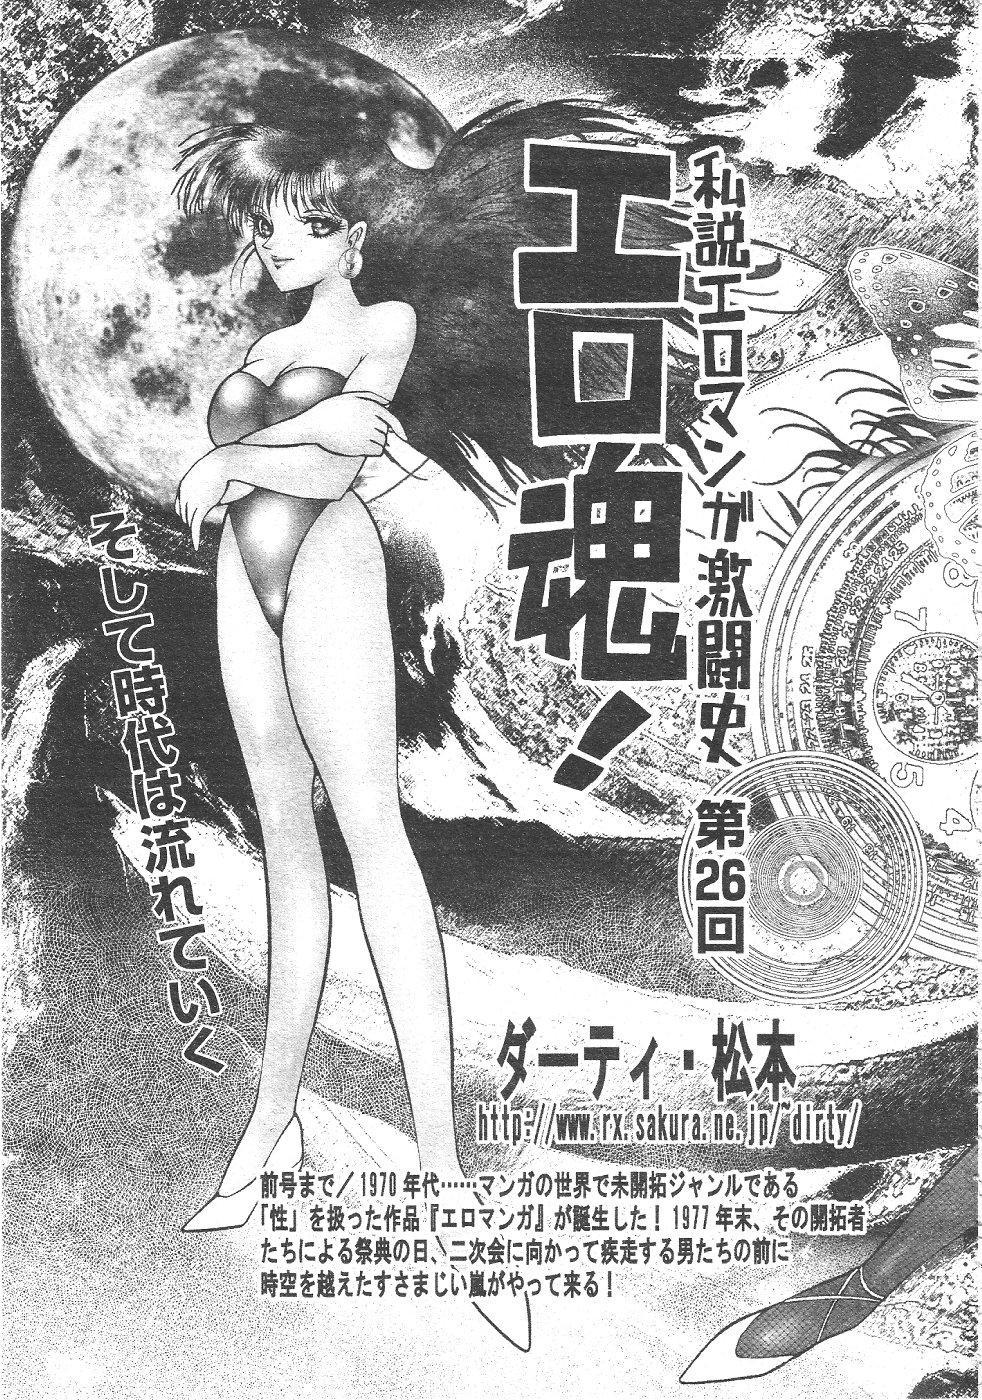 Gekkan Comic Muga 2004-06 Vol.10 386